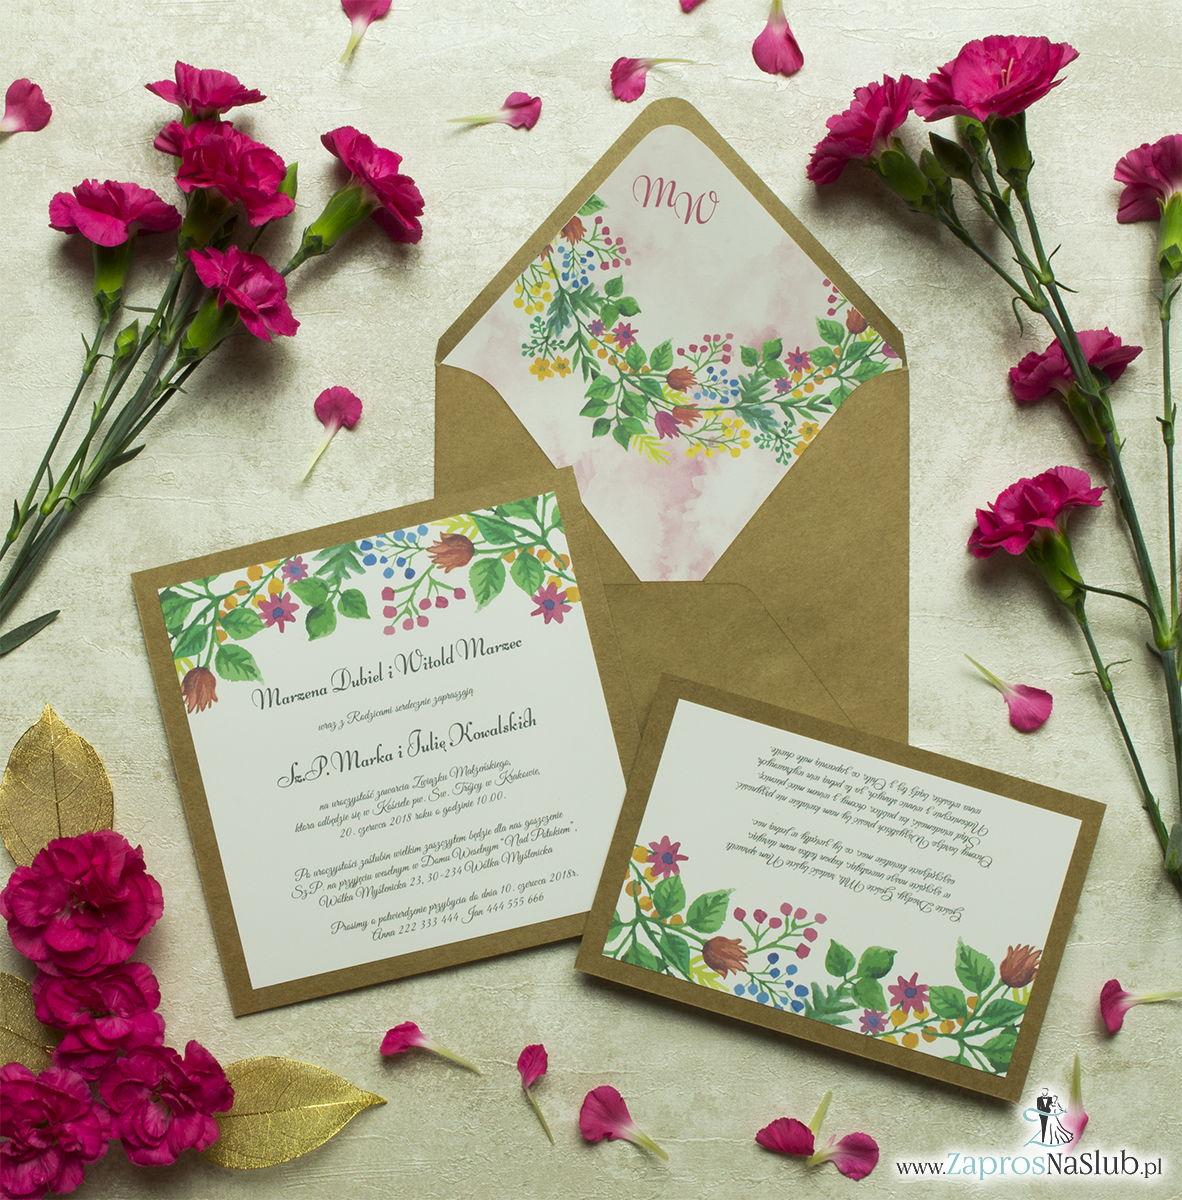 Dwuczęściowe, kwiatowe zaproszenia ślubne w stylu eko, z wielobarwnymi, wiosennymi kwiatami i liśćmi. ZAP-76-10